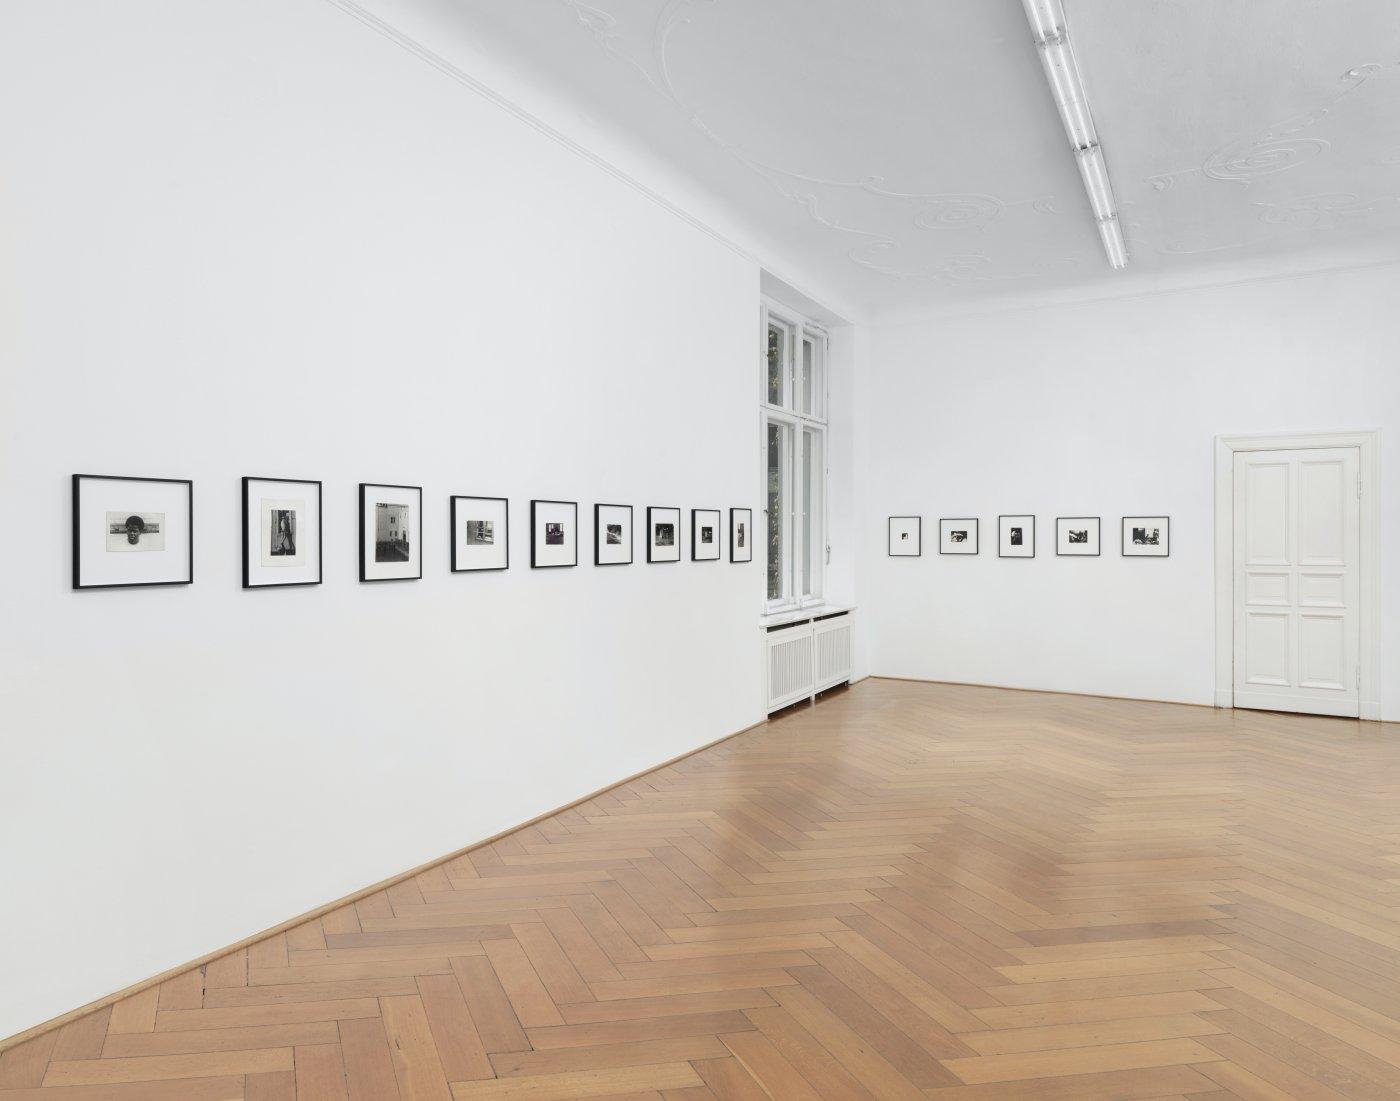 Galerie Buchholz Berlin Alvin Baltrop 9